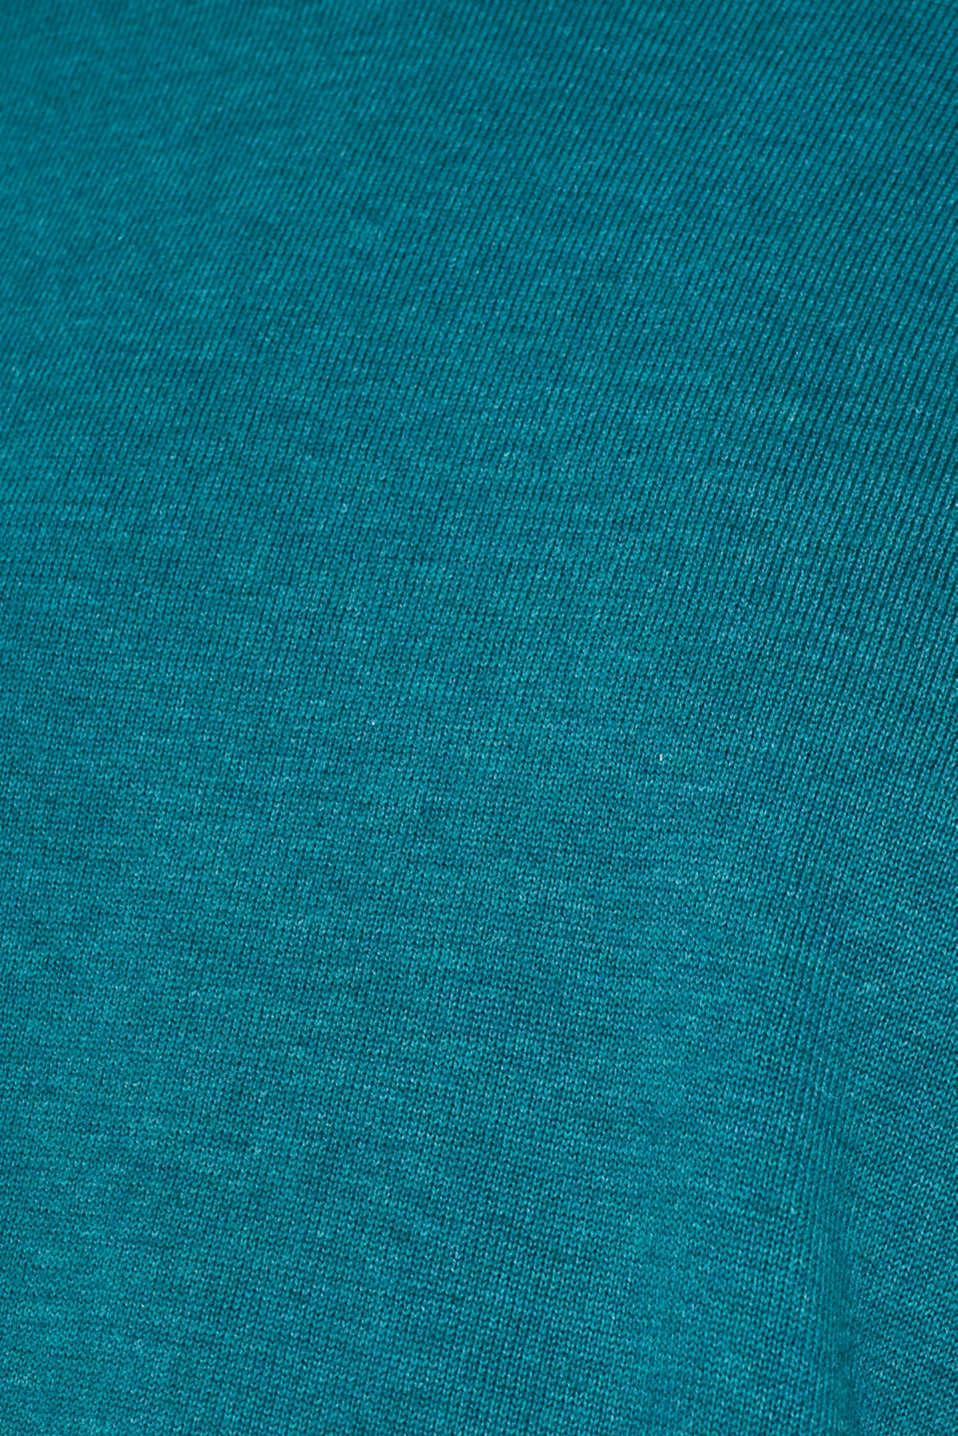 Basic jumper in 100% cotton, TEAL BLUE 5, detail image number 4